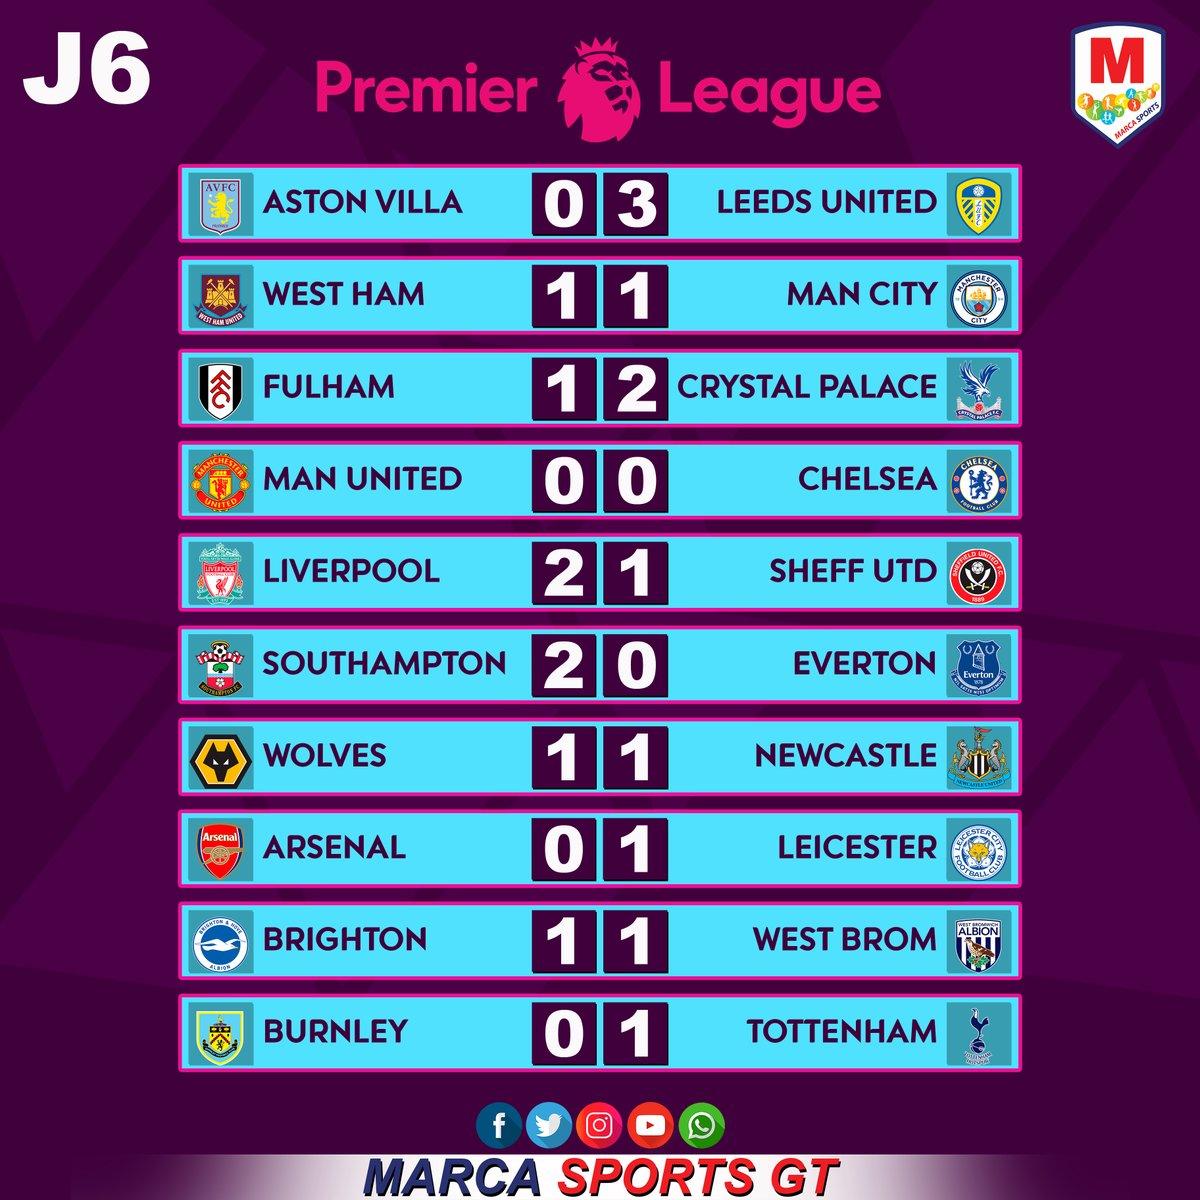 Resultados de la sexta fecha y tabla de posiciones en la Premier League de Inglaterra.   #MarcaSportsGT https://t.co/Q8Rqjk4XMD